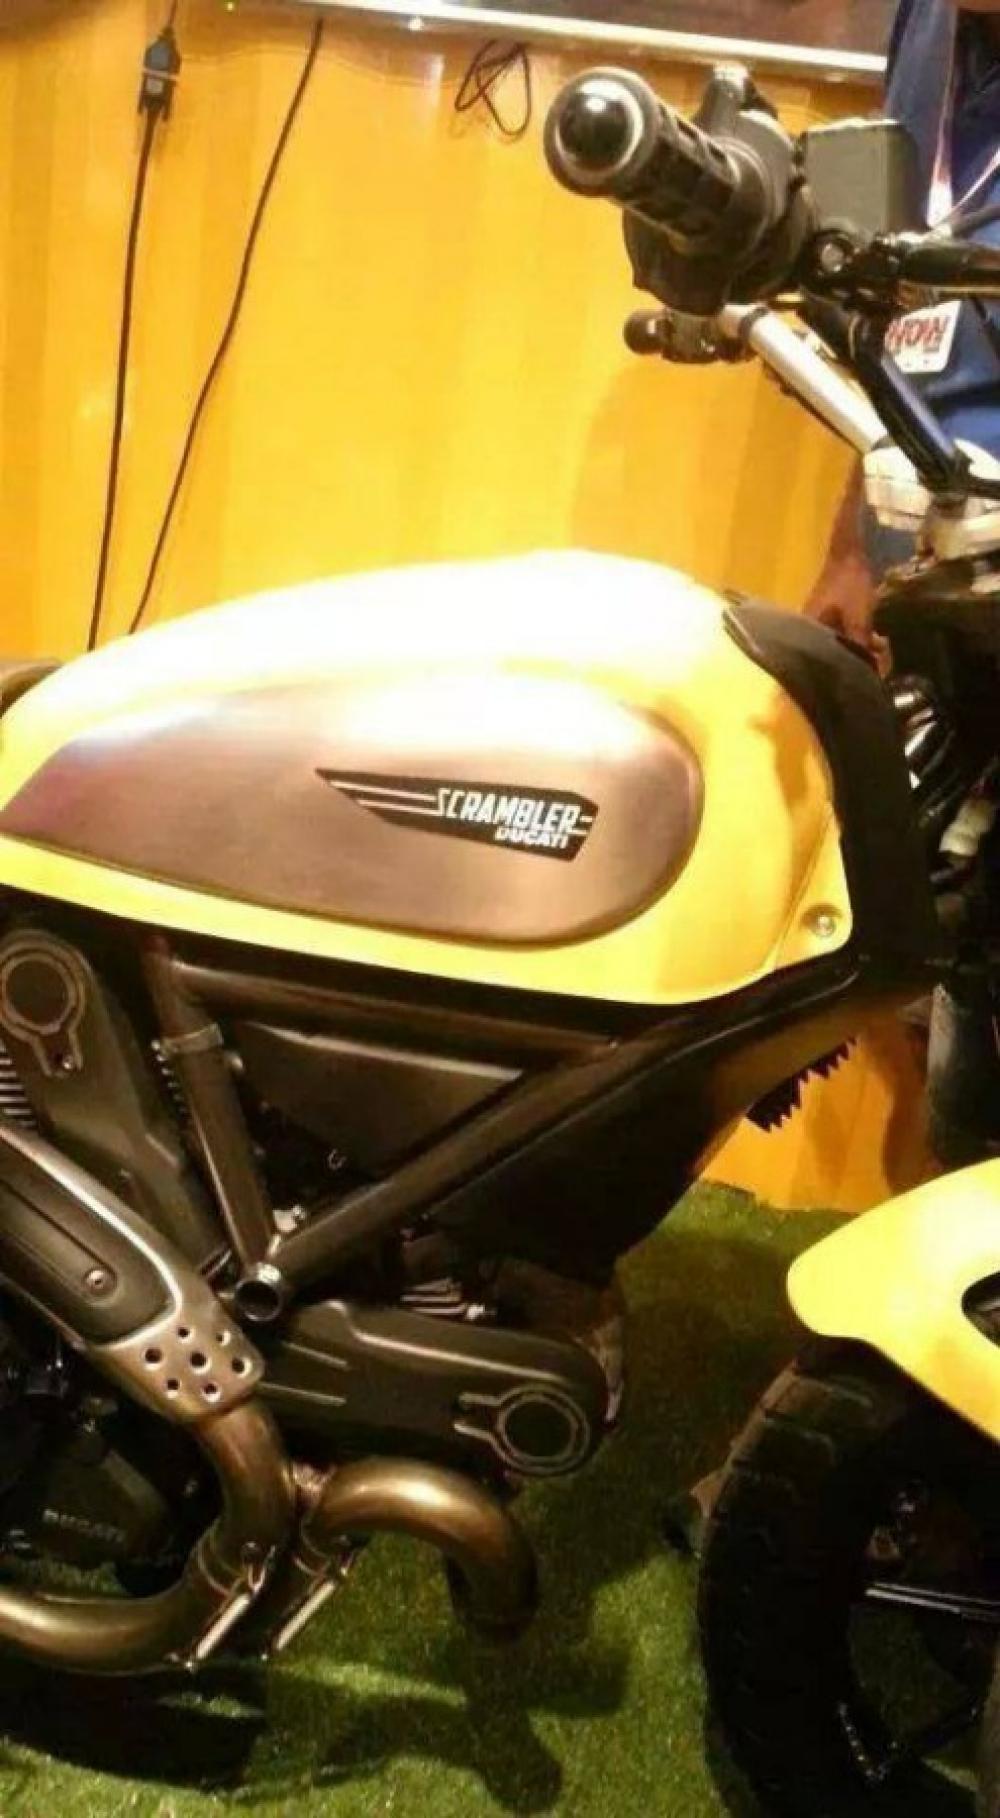 Ducati Scrambler in versione praticamente definitiva così come vista dentro il conteiner al WDW 2014. Foto trovata sul web, non si capisce come ci sia finita, dato che era vietatissimo fotografare e anche solo entrere con cellulari e fotocamere...